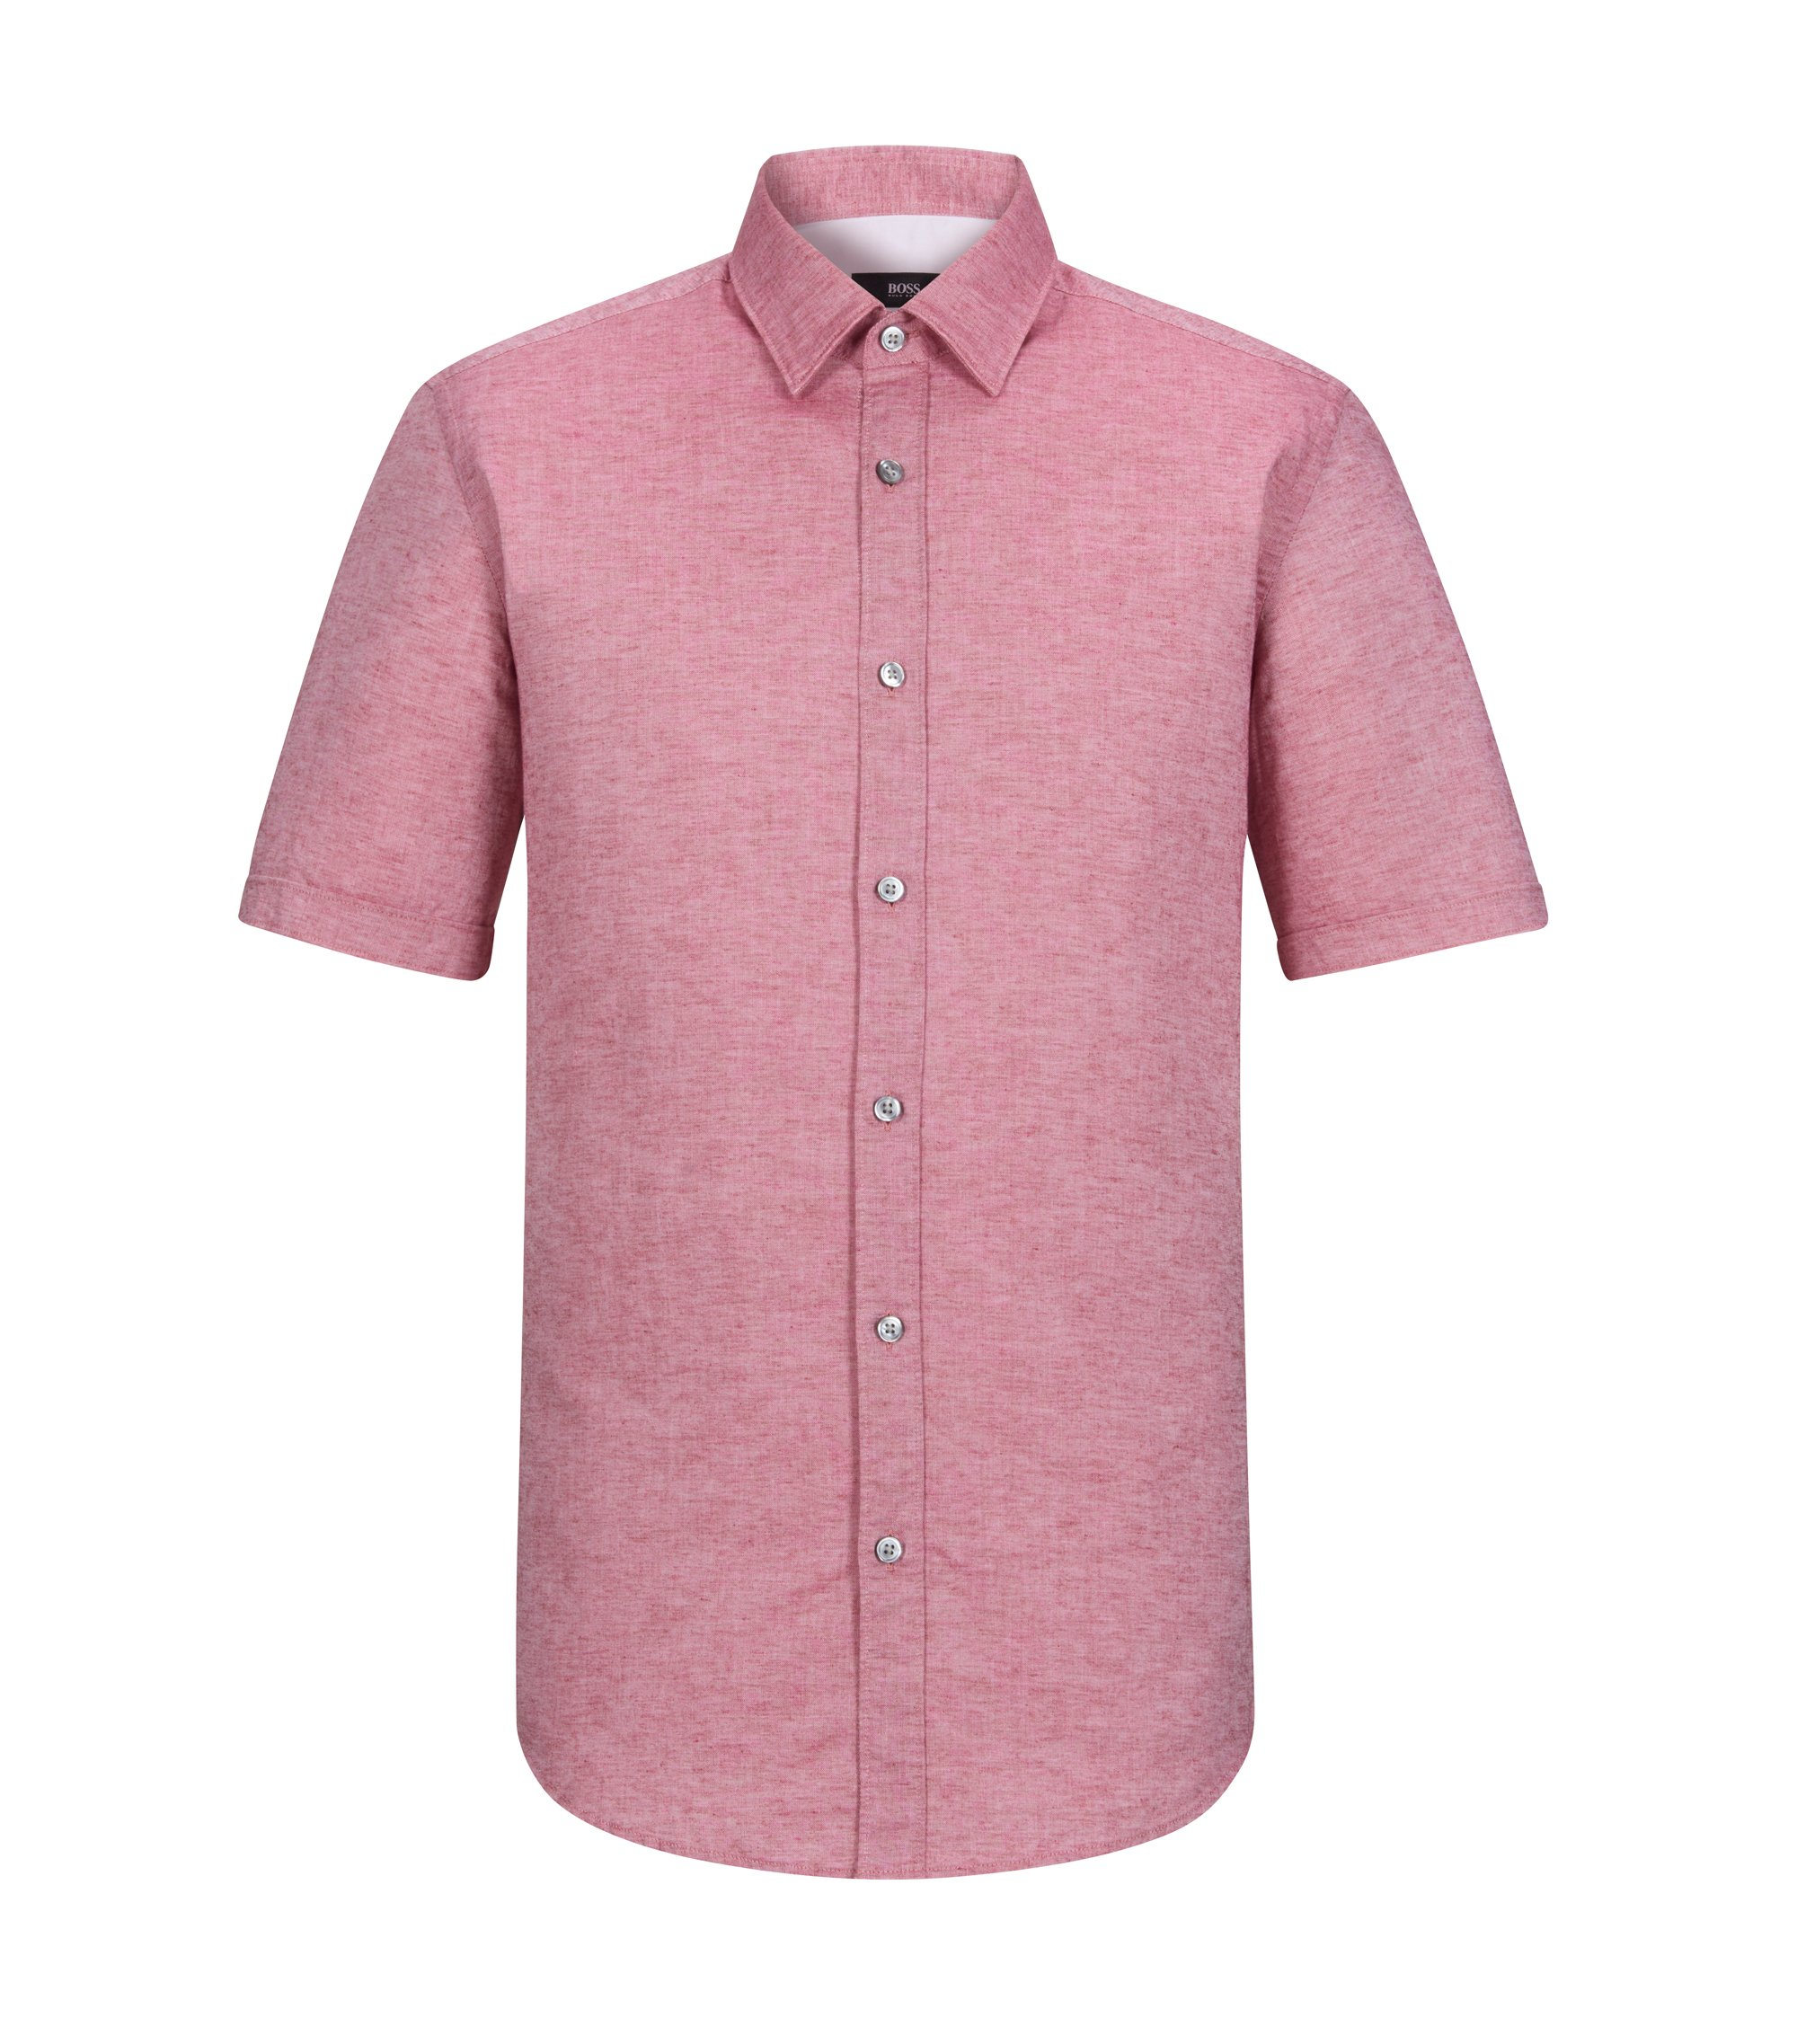 Cotton Linen Button Down Shirt, Regular Fit | Luka, Red